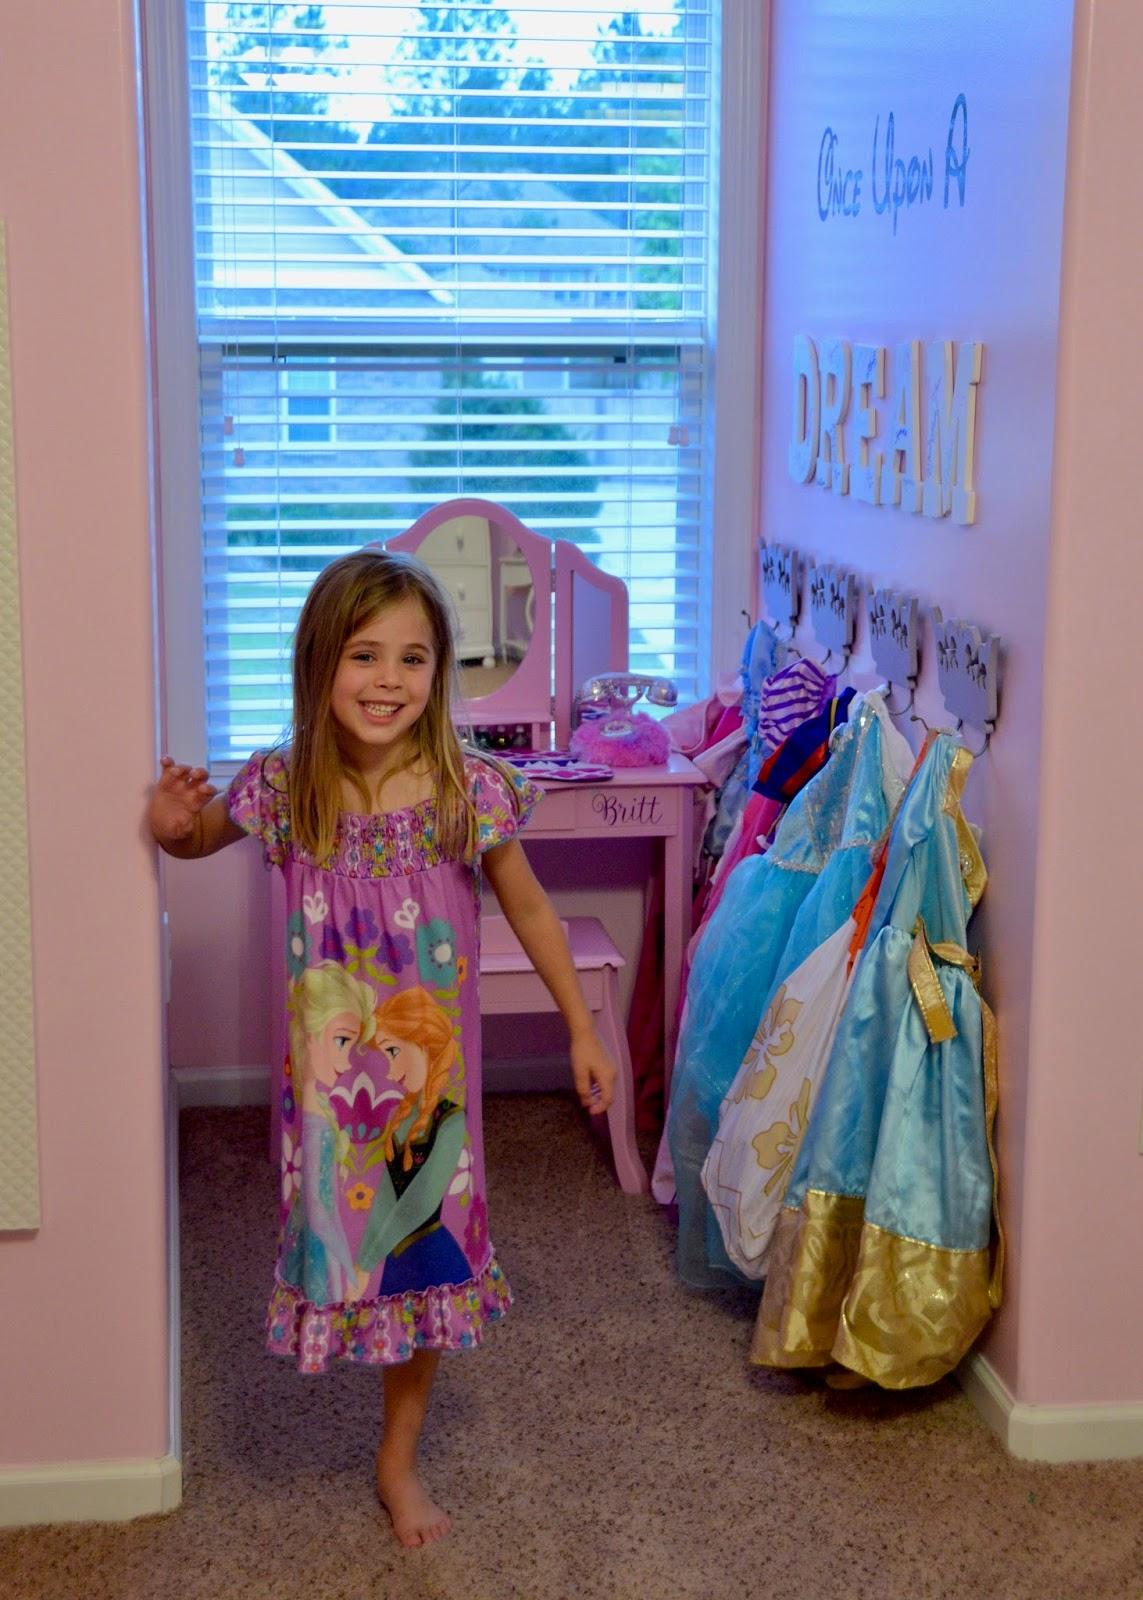 Tour of our Home: Britt's Princess Room